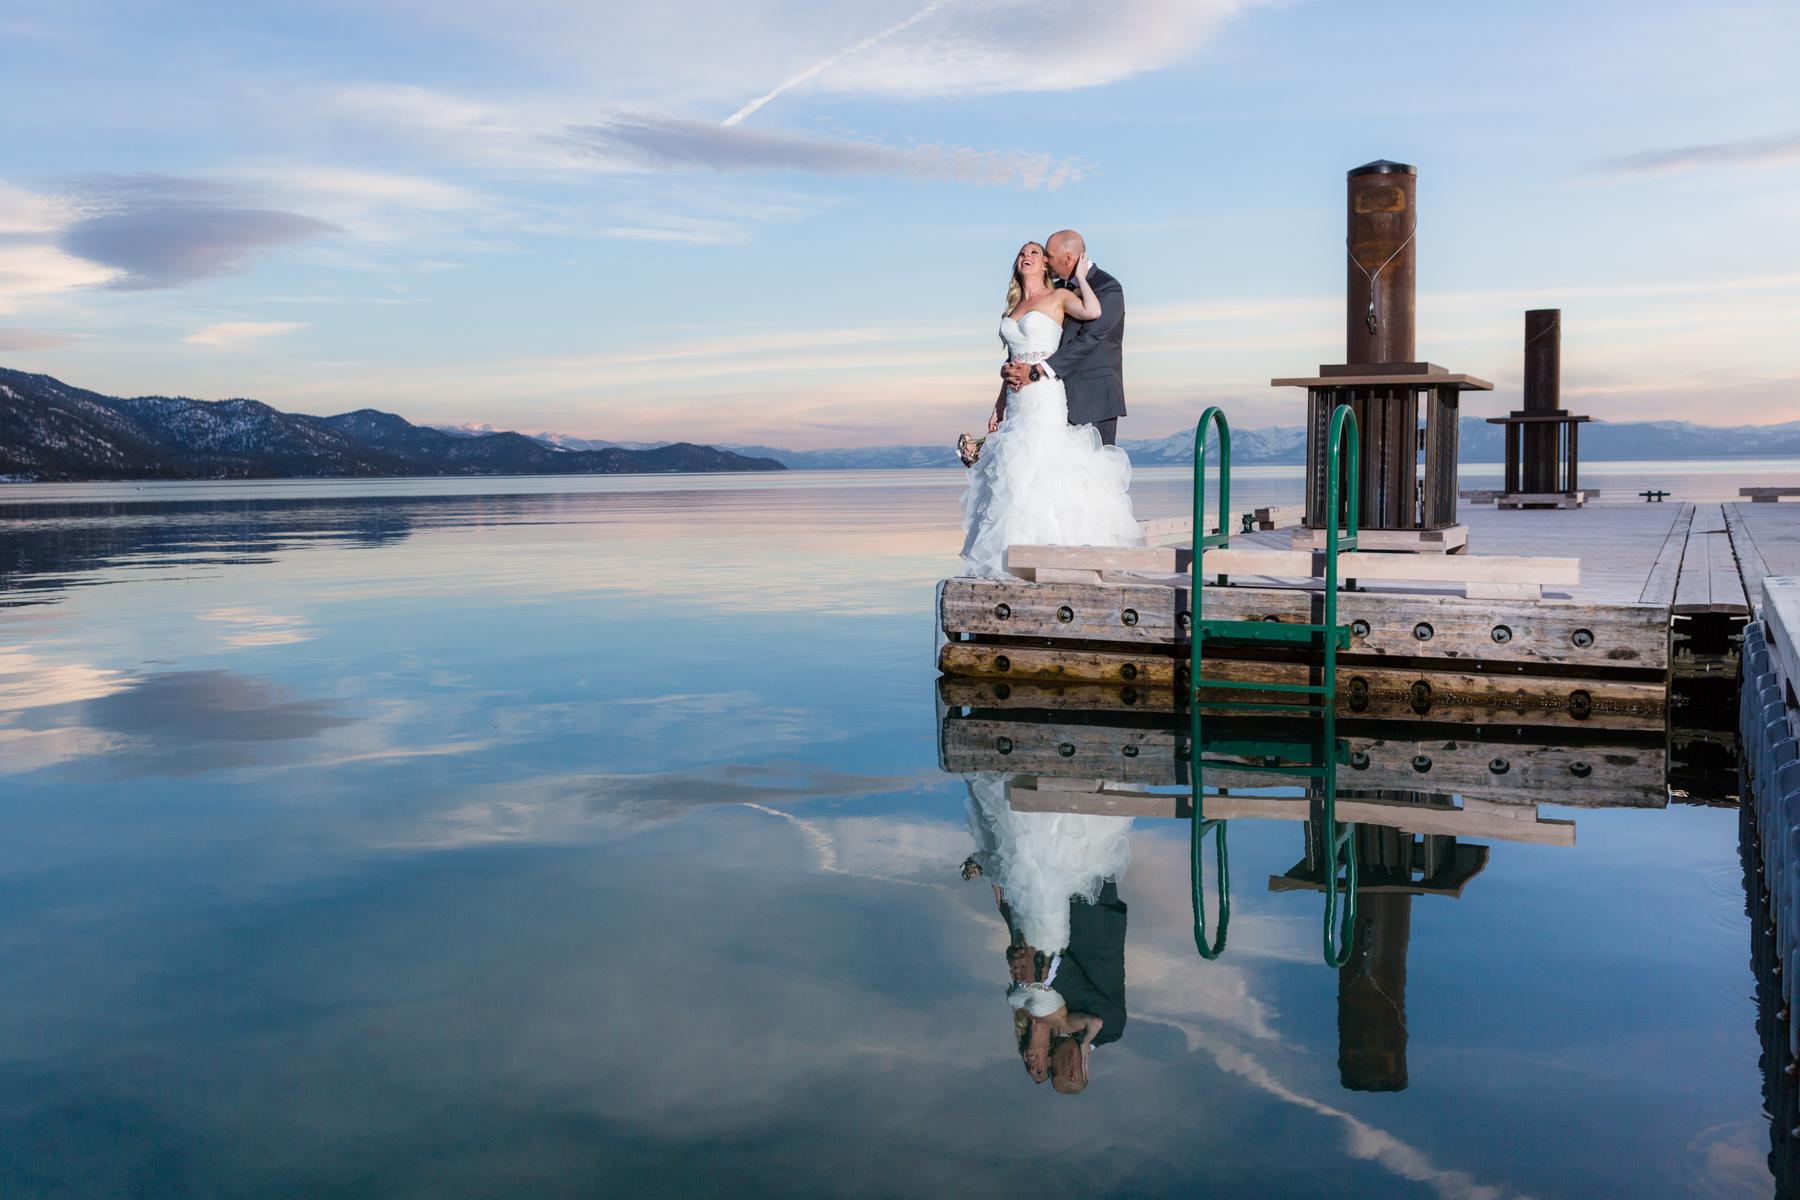 lake-tahoe-wedding-hyatt-weddings-7